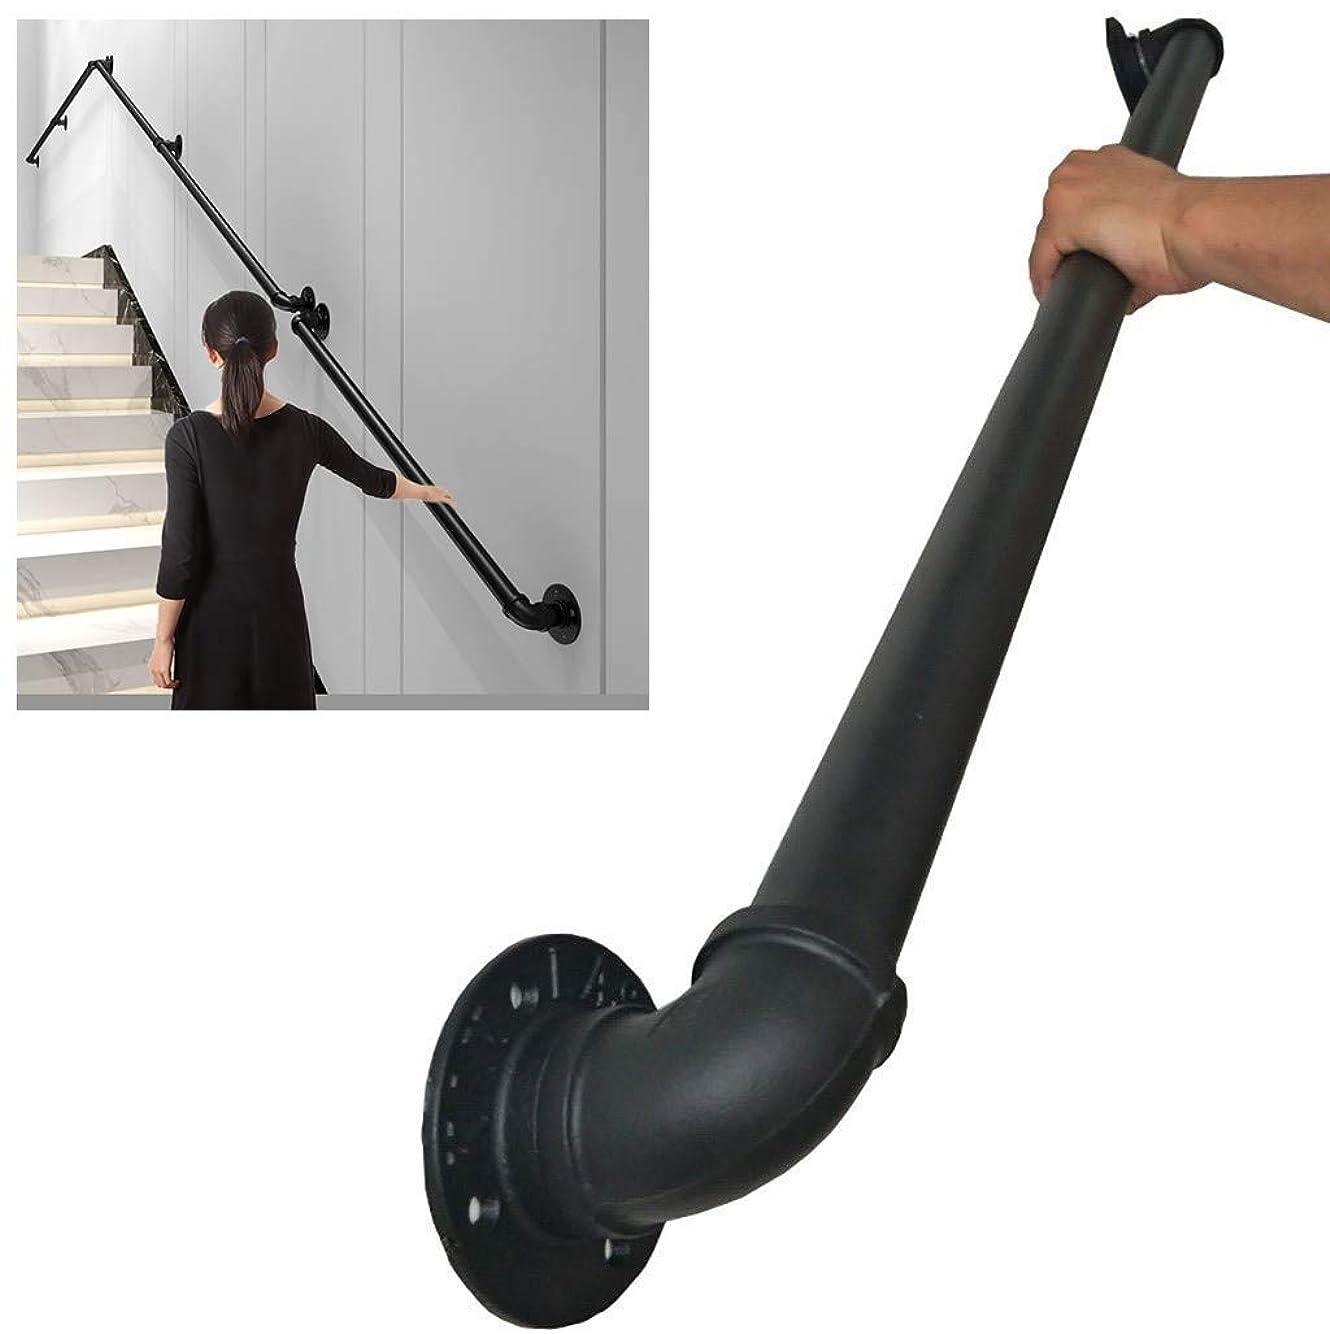 予報仕事不規則な外階段の手すり階段手摺 アイアン屋外屋内高齢者の子供滑るのを防いで倒します1-16ft黒色 (Size : L330cm-11ft)